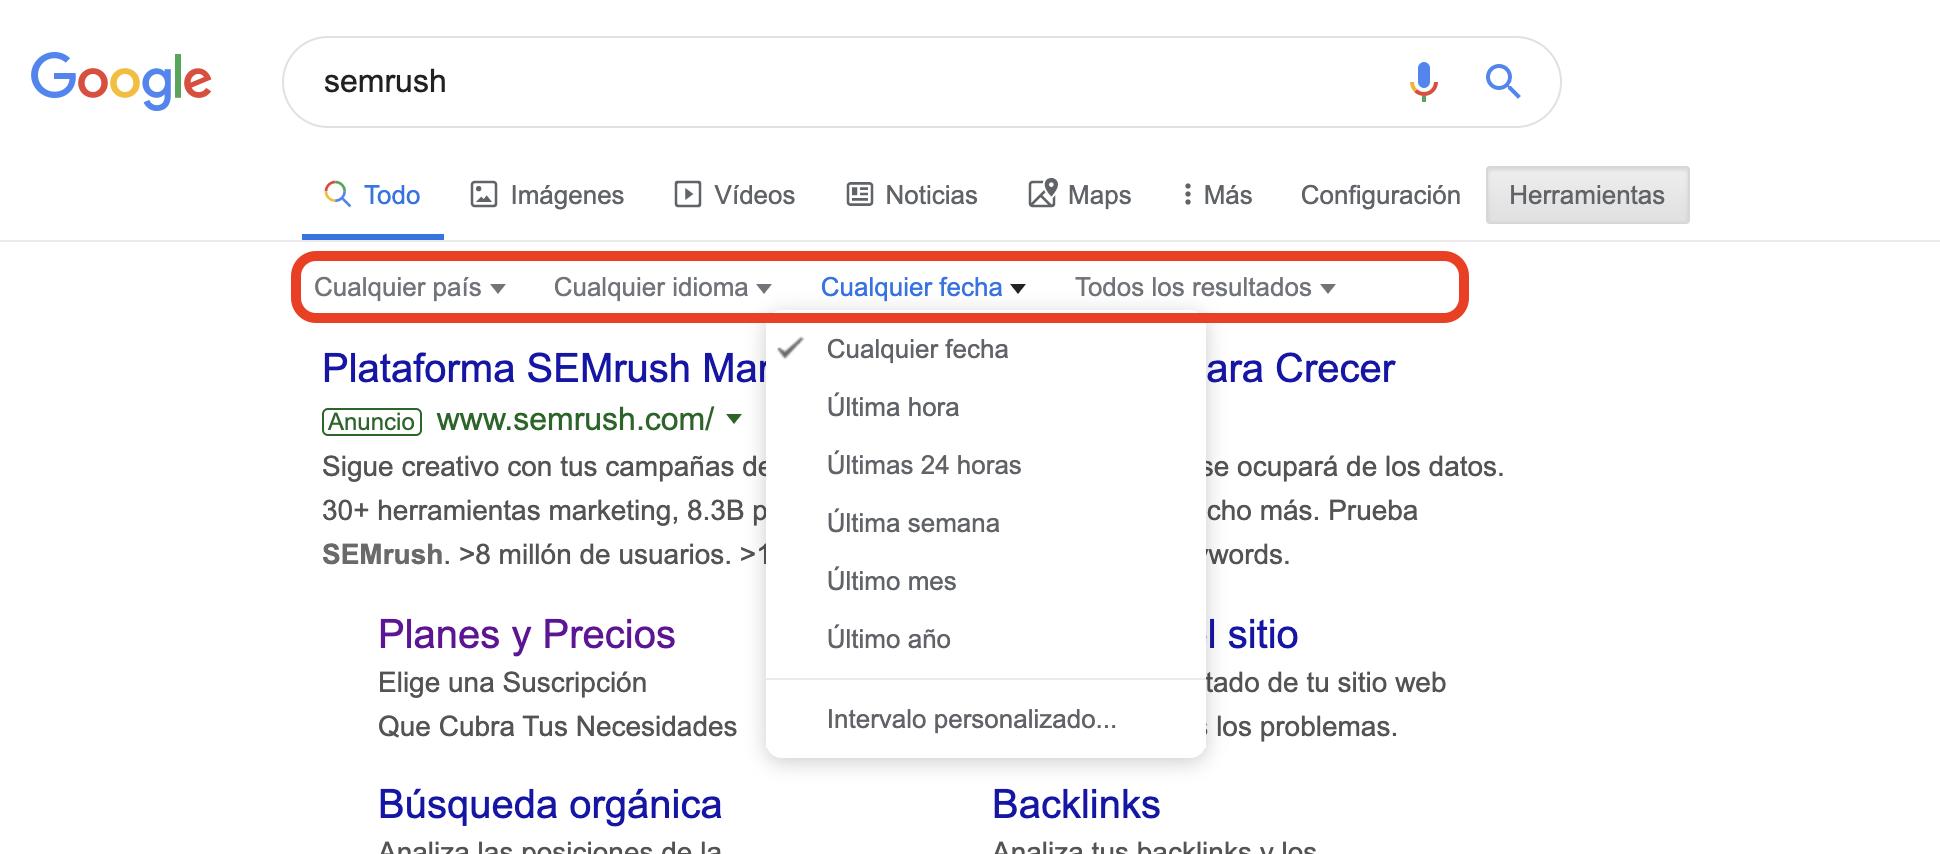 Búsqueda avanzada en Google - Herramientas en las búsquedas